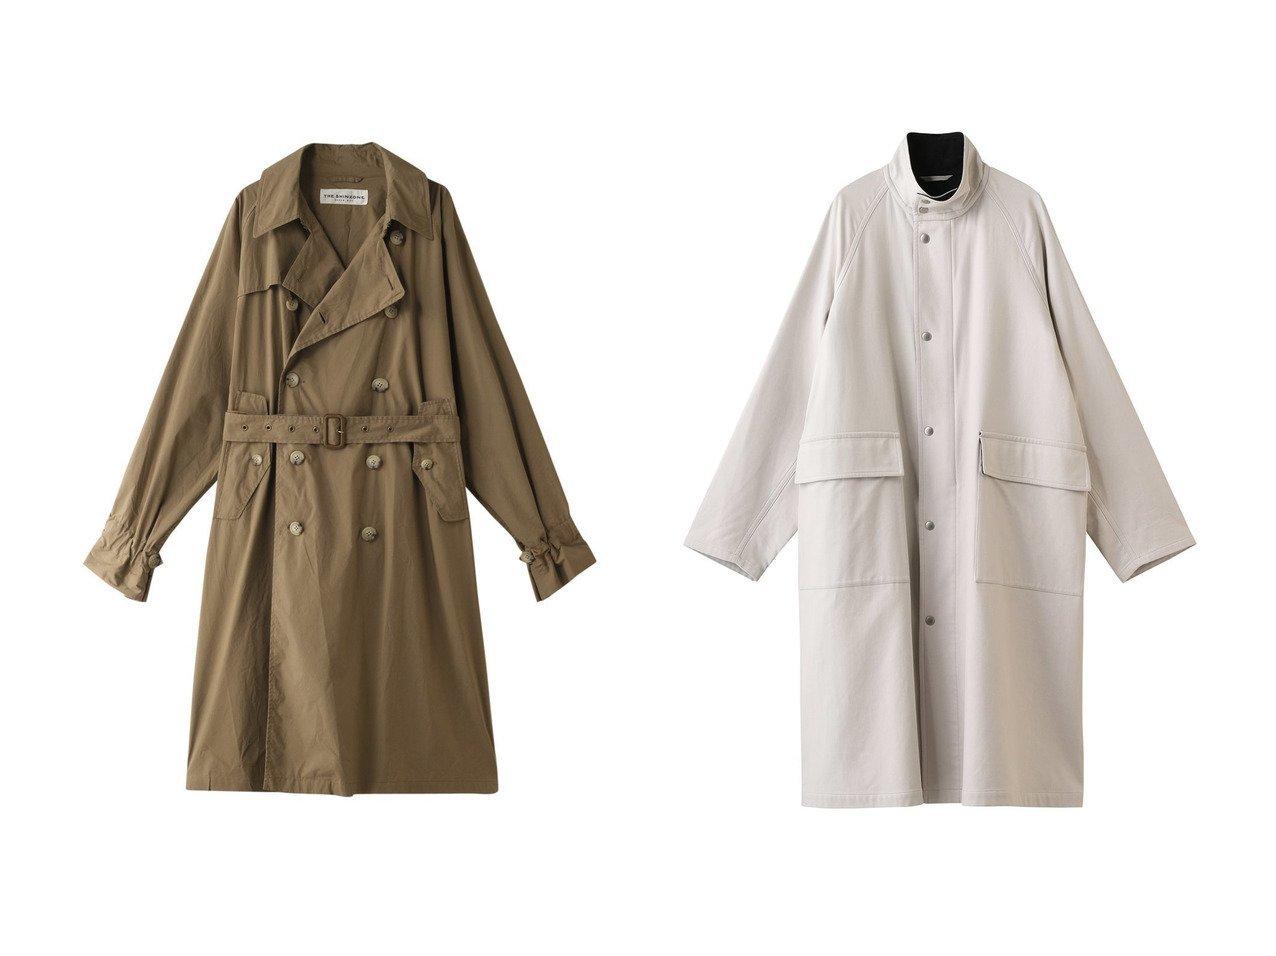 【YLEVE/イレーヴ】のオーガニックコットンツイルコート&【Shinzone/シンゾーン】のトラベルコート アウターのおすすめ!人気、トレンド・レディースファッションの通販 おすすめで人気の流行・トレンド、ファッションの通販商品 メンズファッション・キッズファッション・インテリア・家具・レディースファッション・服の通販 founy(ファニー) https://founy.com/ ファッション Fashion レディースファッション WOMEN アウター Coat Outerwear コート Coats 2021年 2021 2021 春夏 S/S SS Spring/Summer 2021 S/S 春夏 SS Spring/Summer ミリタリー ロング 春 Spring |ID:crp329100000013467